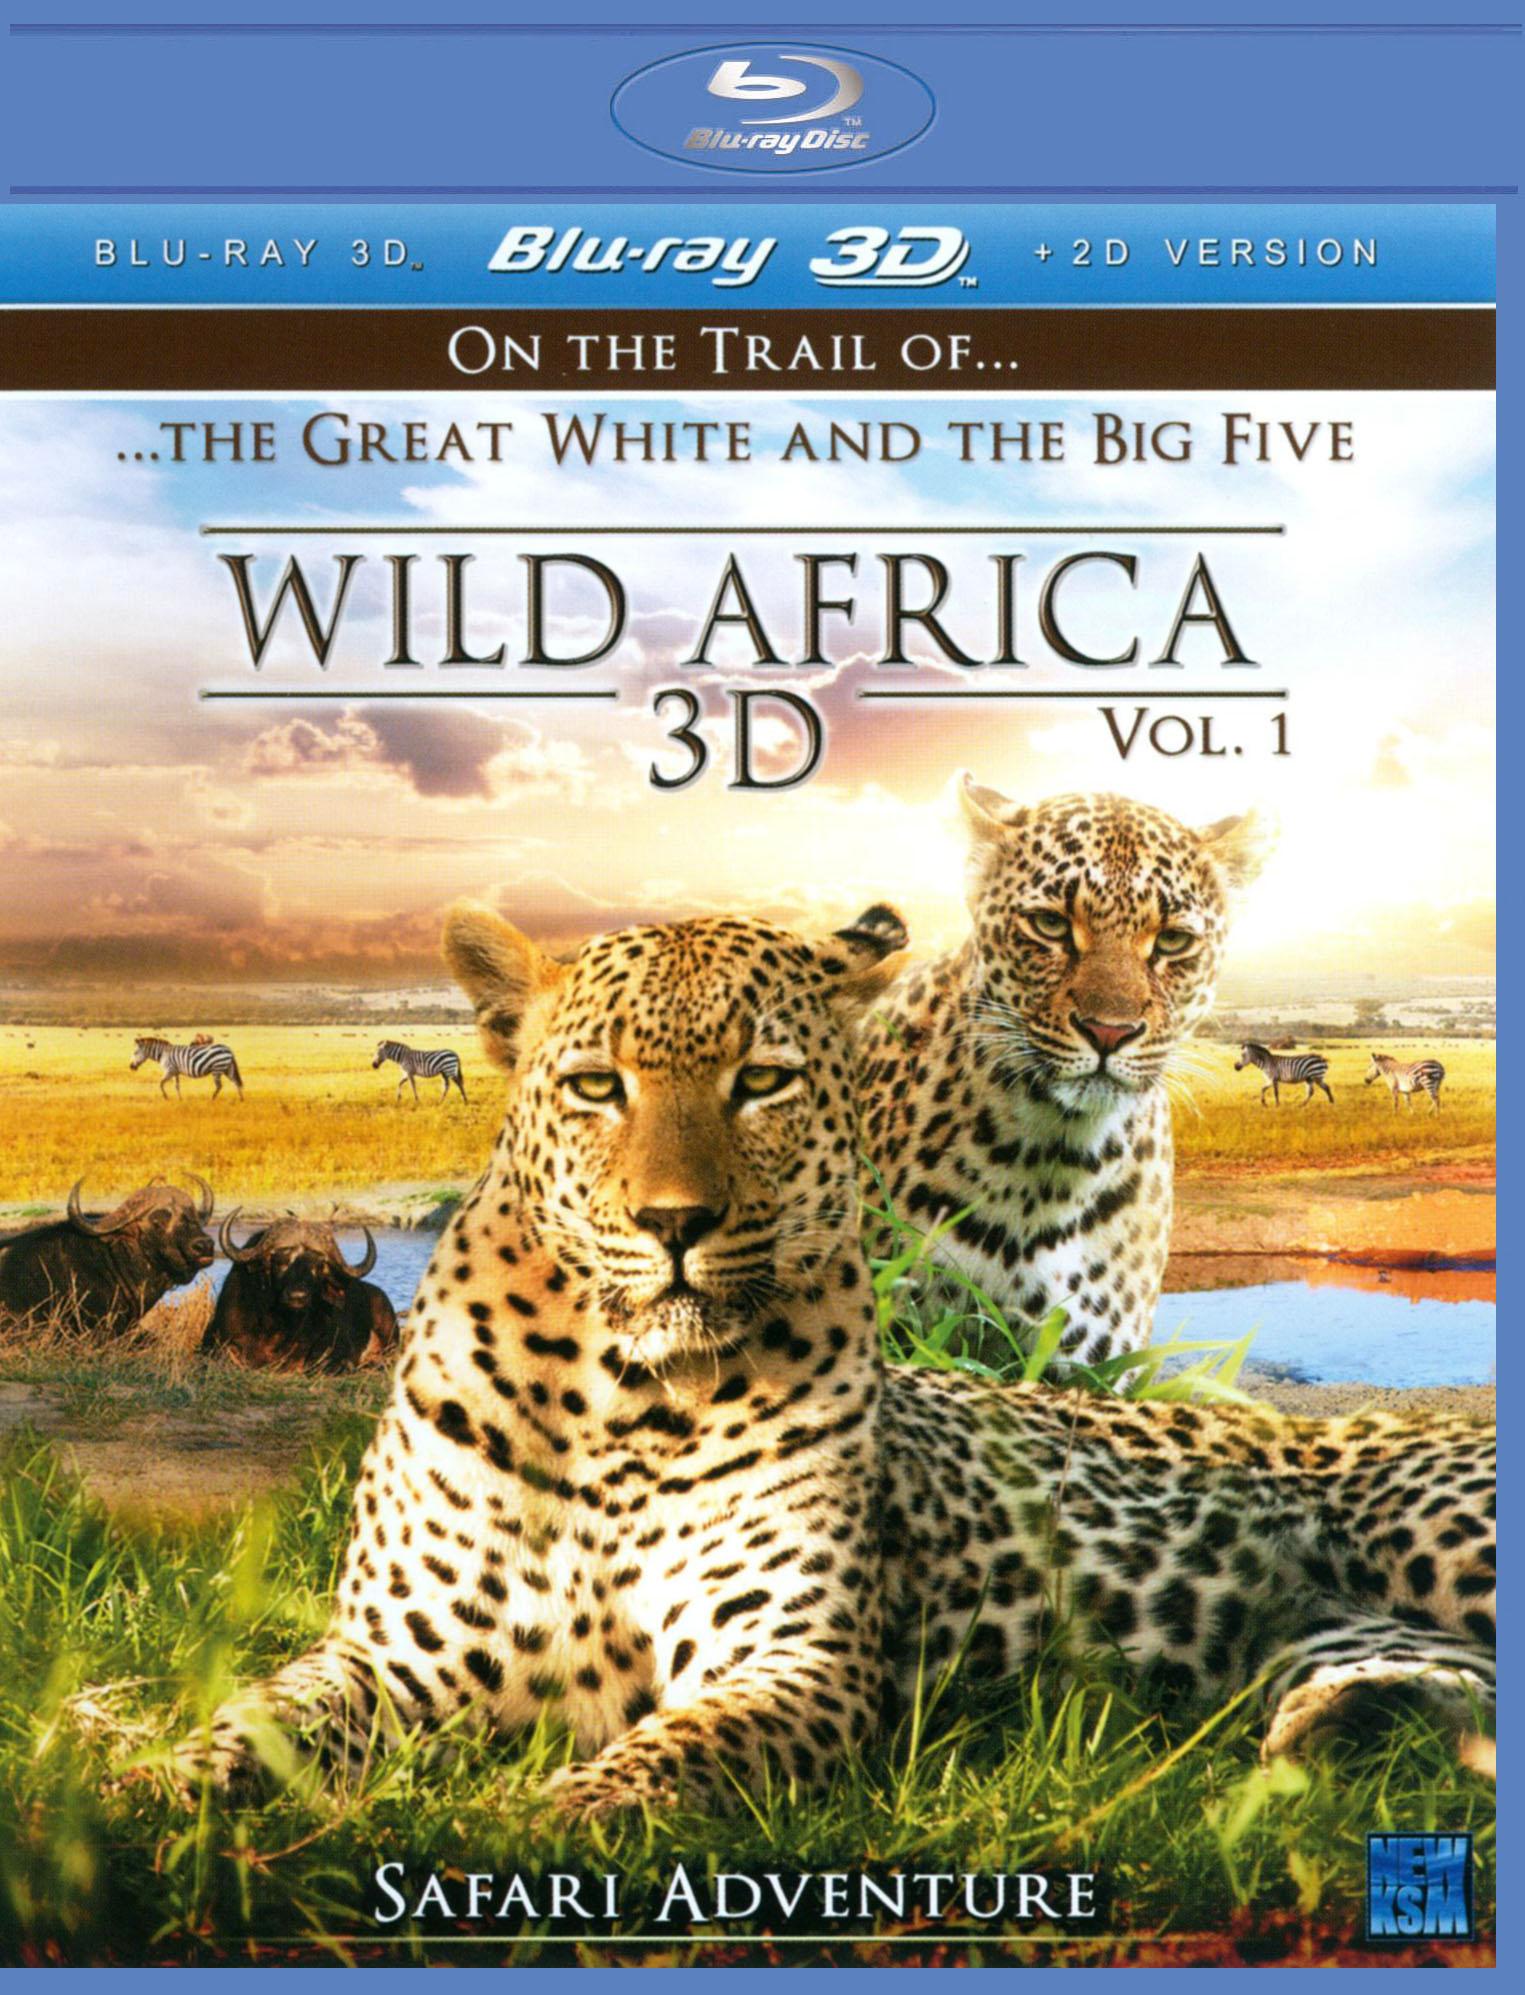 Wild Africa 3D, Vol. 1: Safari Adventure